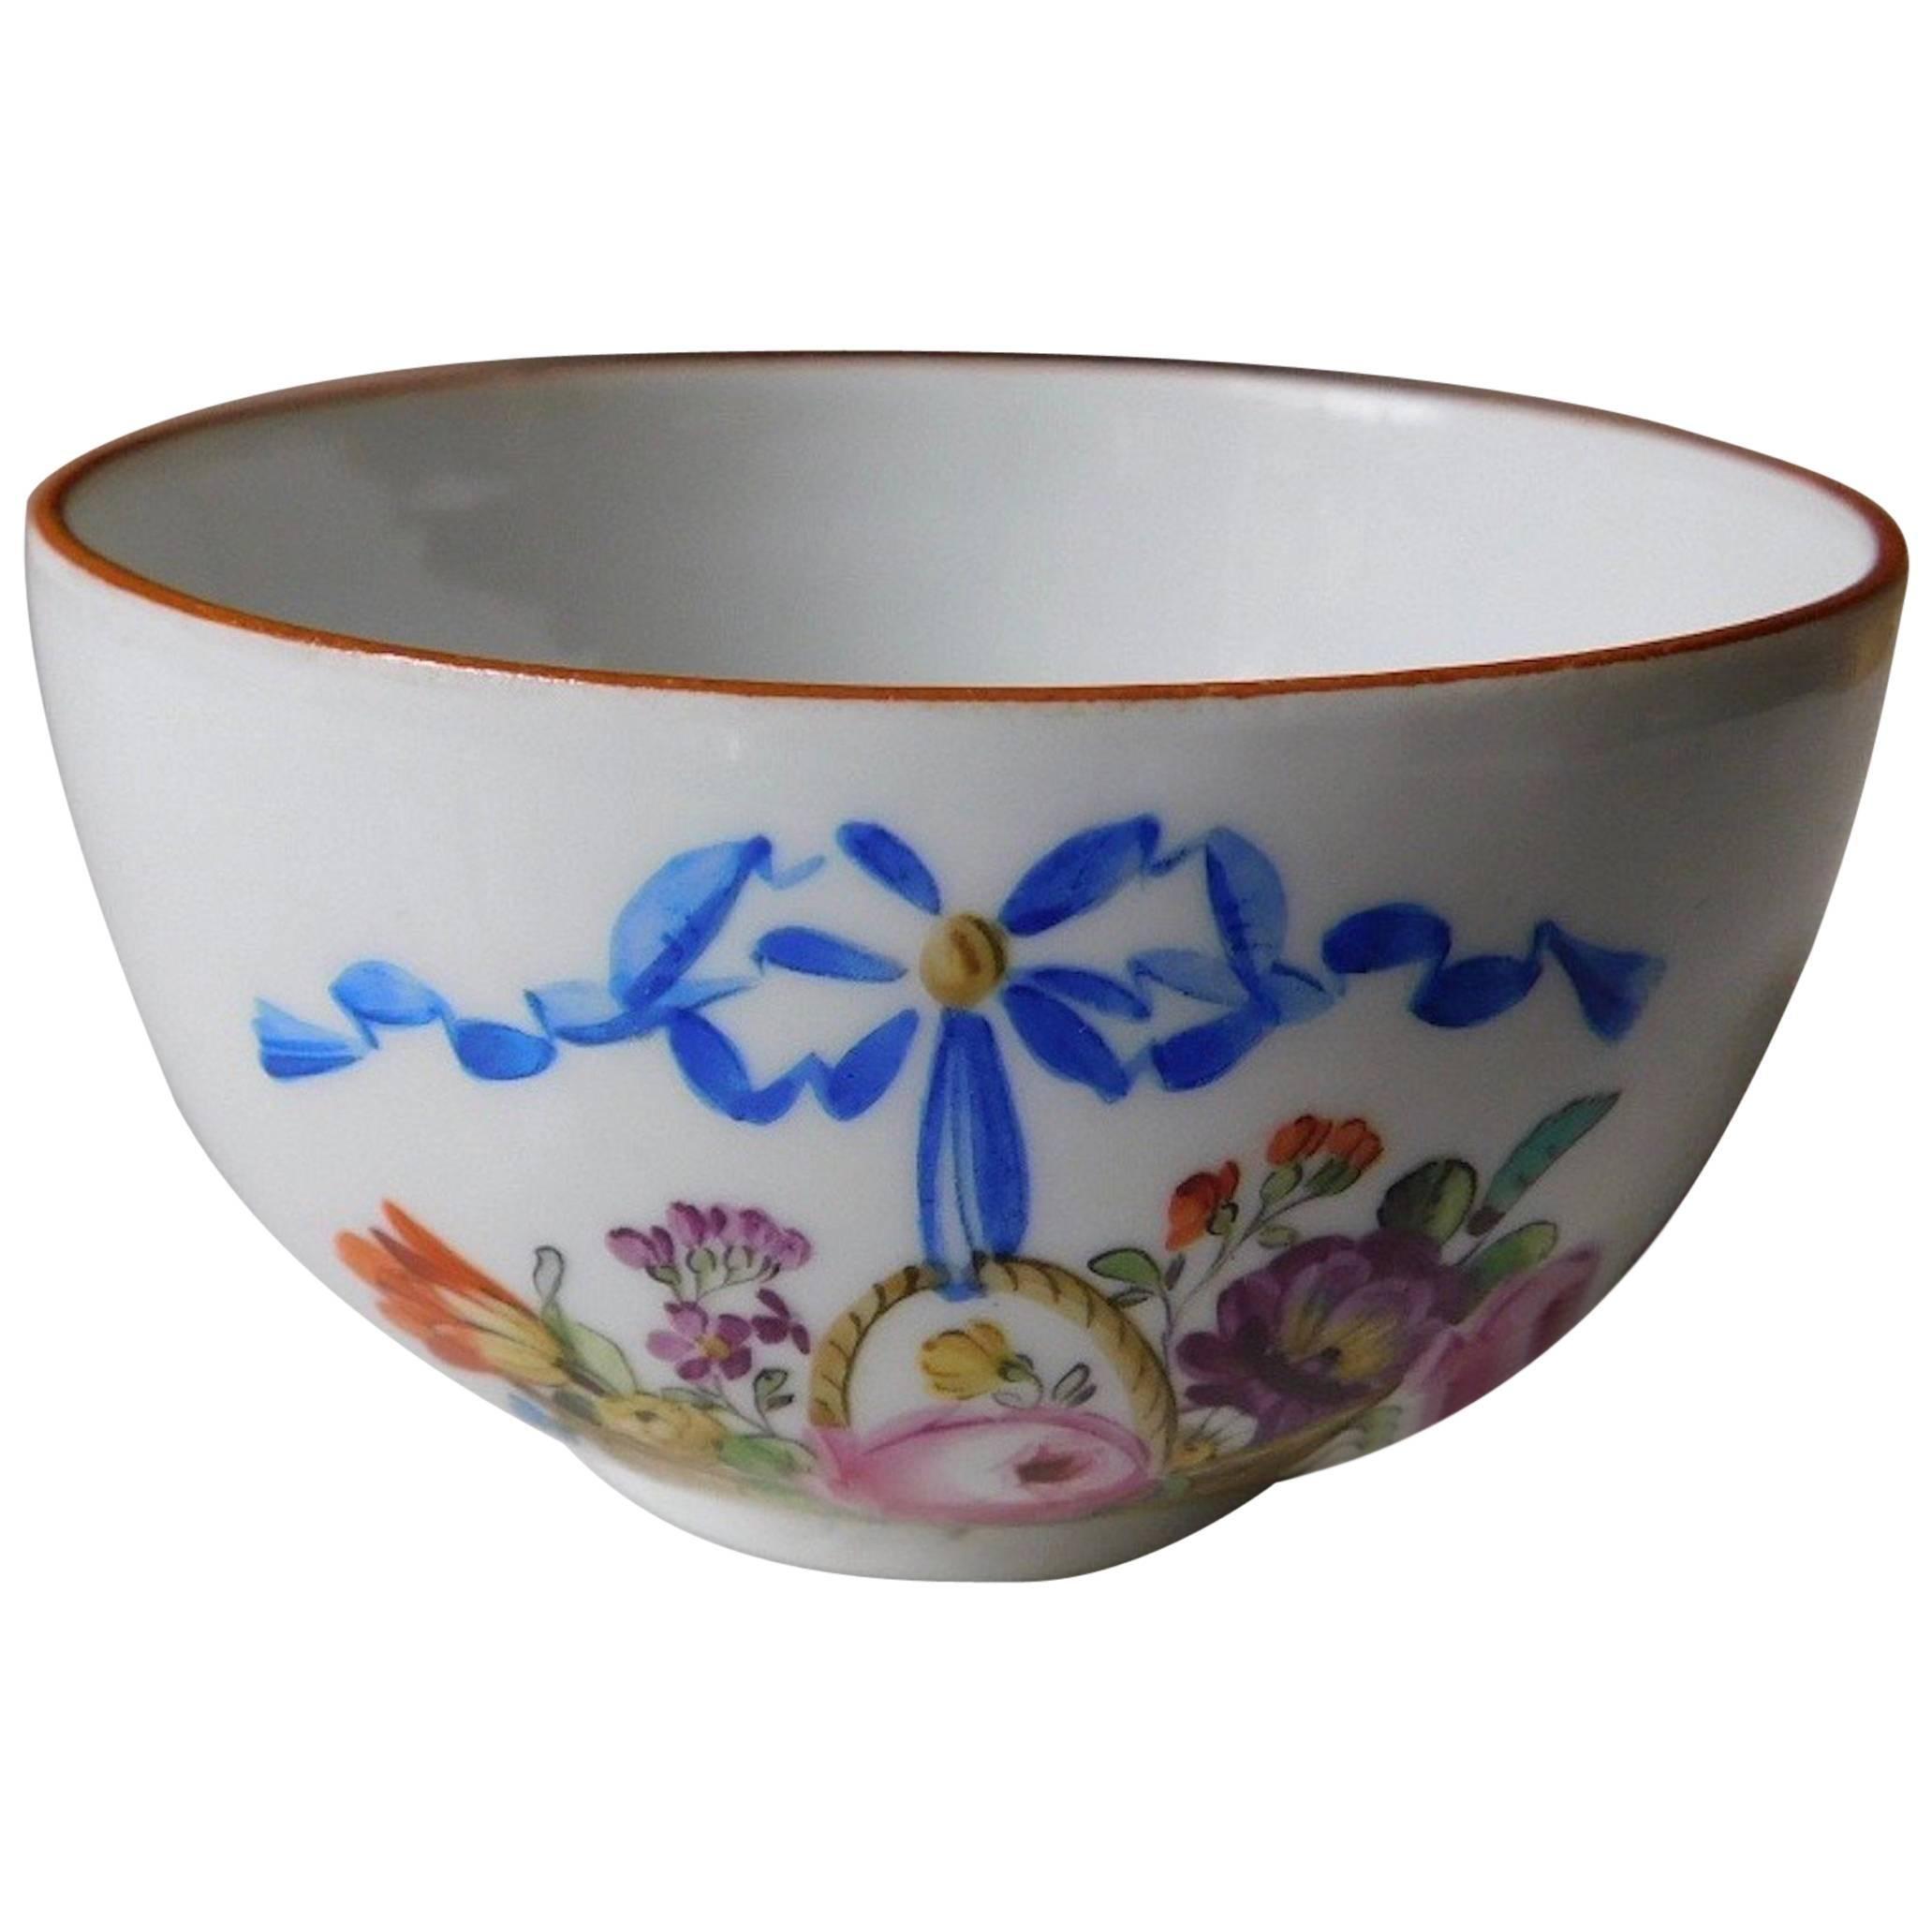 Antique 18th Century Meissen Porcelain Cup